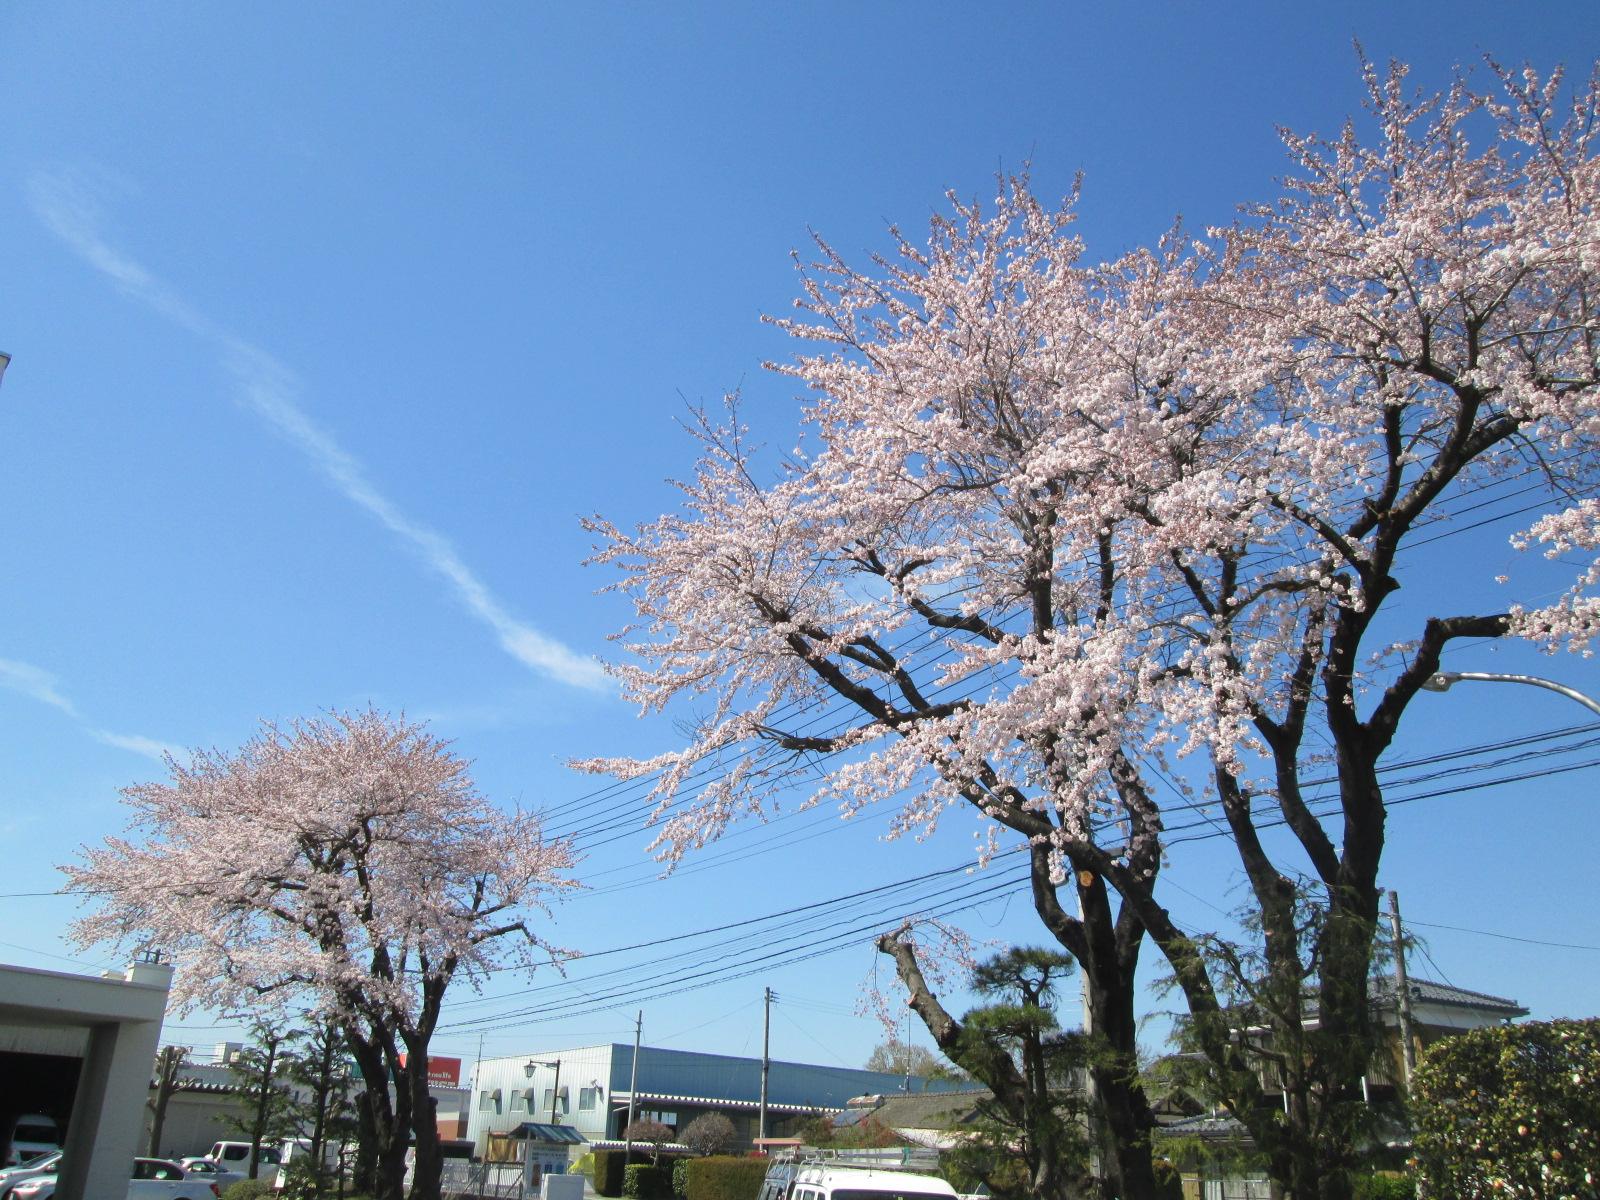 2016南相馬合同庁舎の桜が開花しました